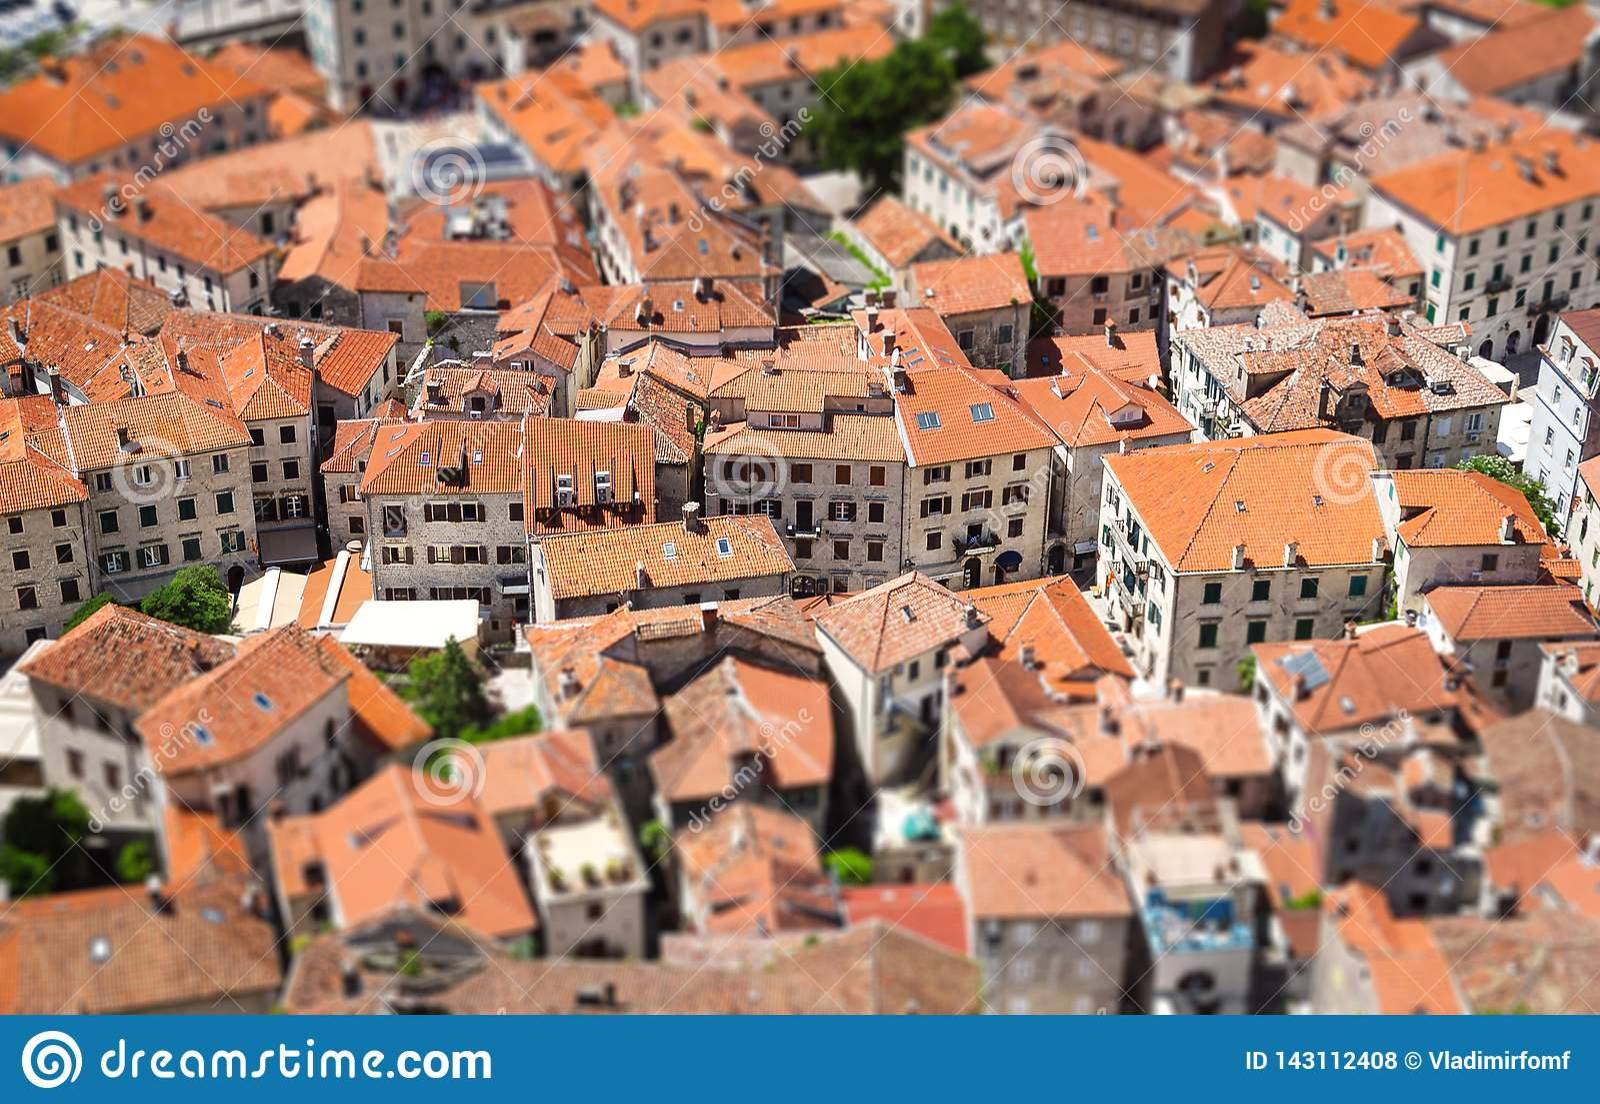 Παλαιά πόλη σε Kotor με την επίδραση κλίση-μετατόπισης Μαυροβούνιο